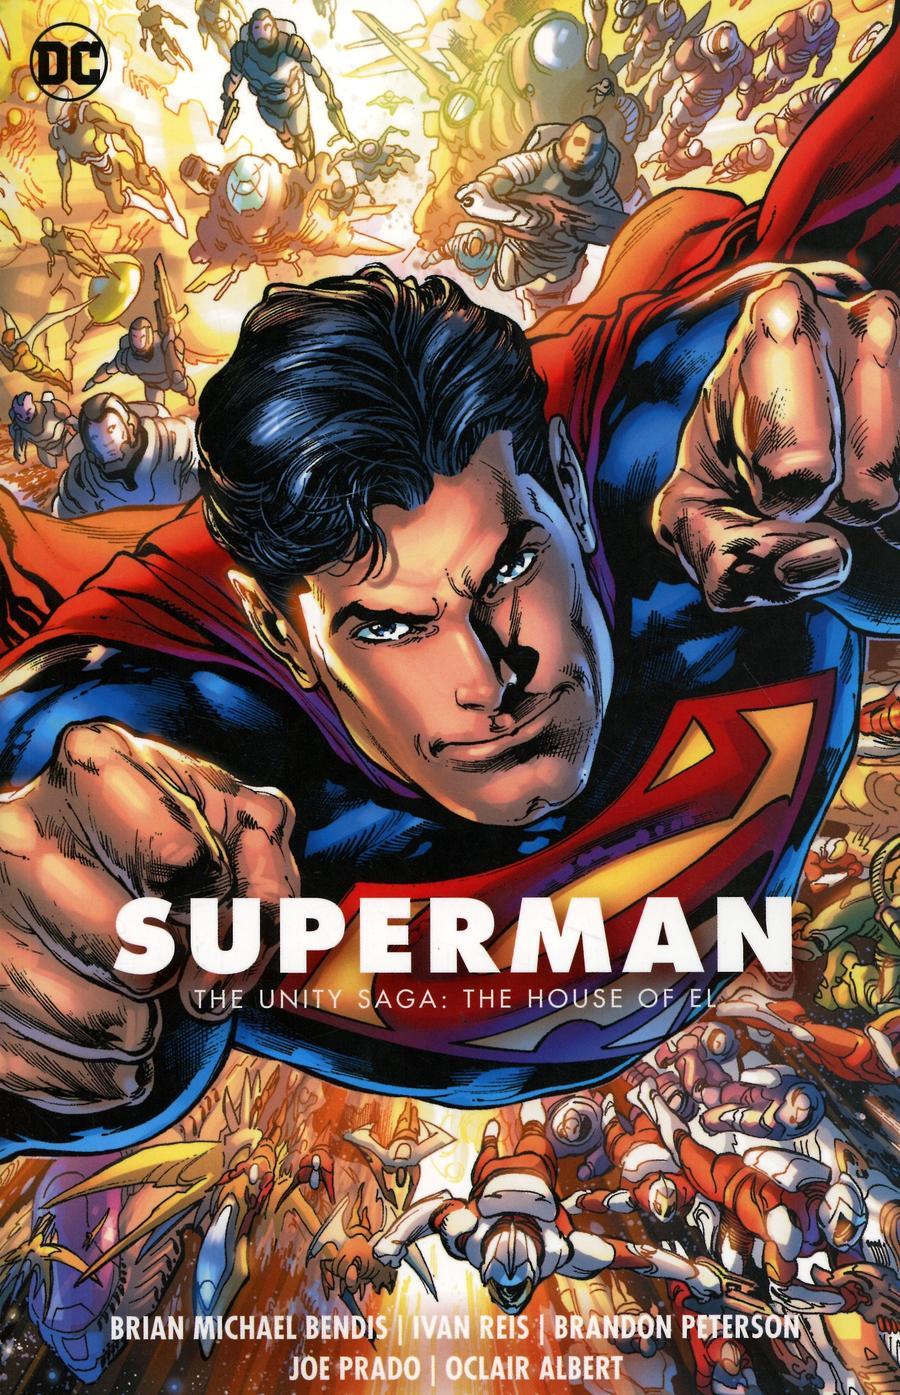 Superman (2018) Vol 2 The Unity Saga House Of El TP